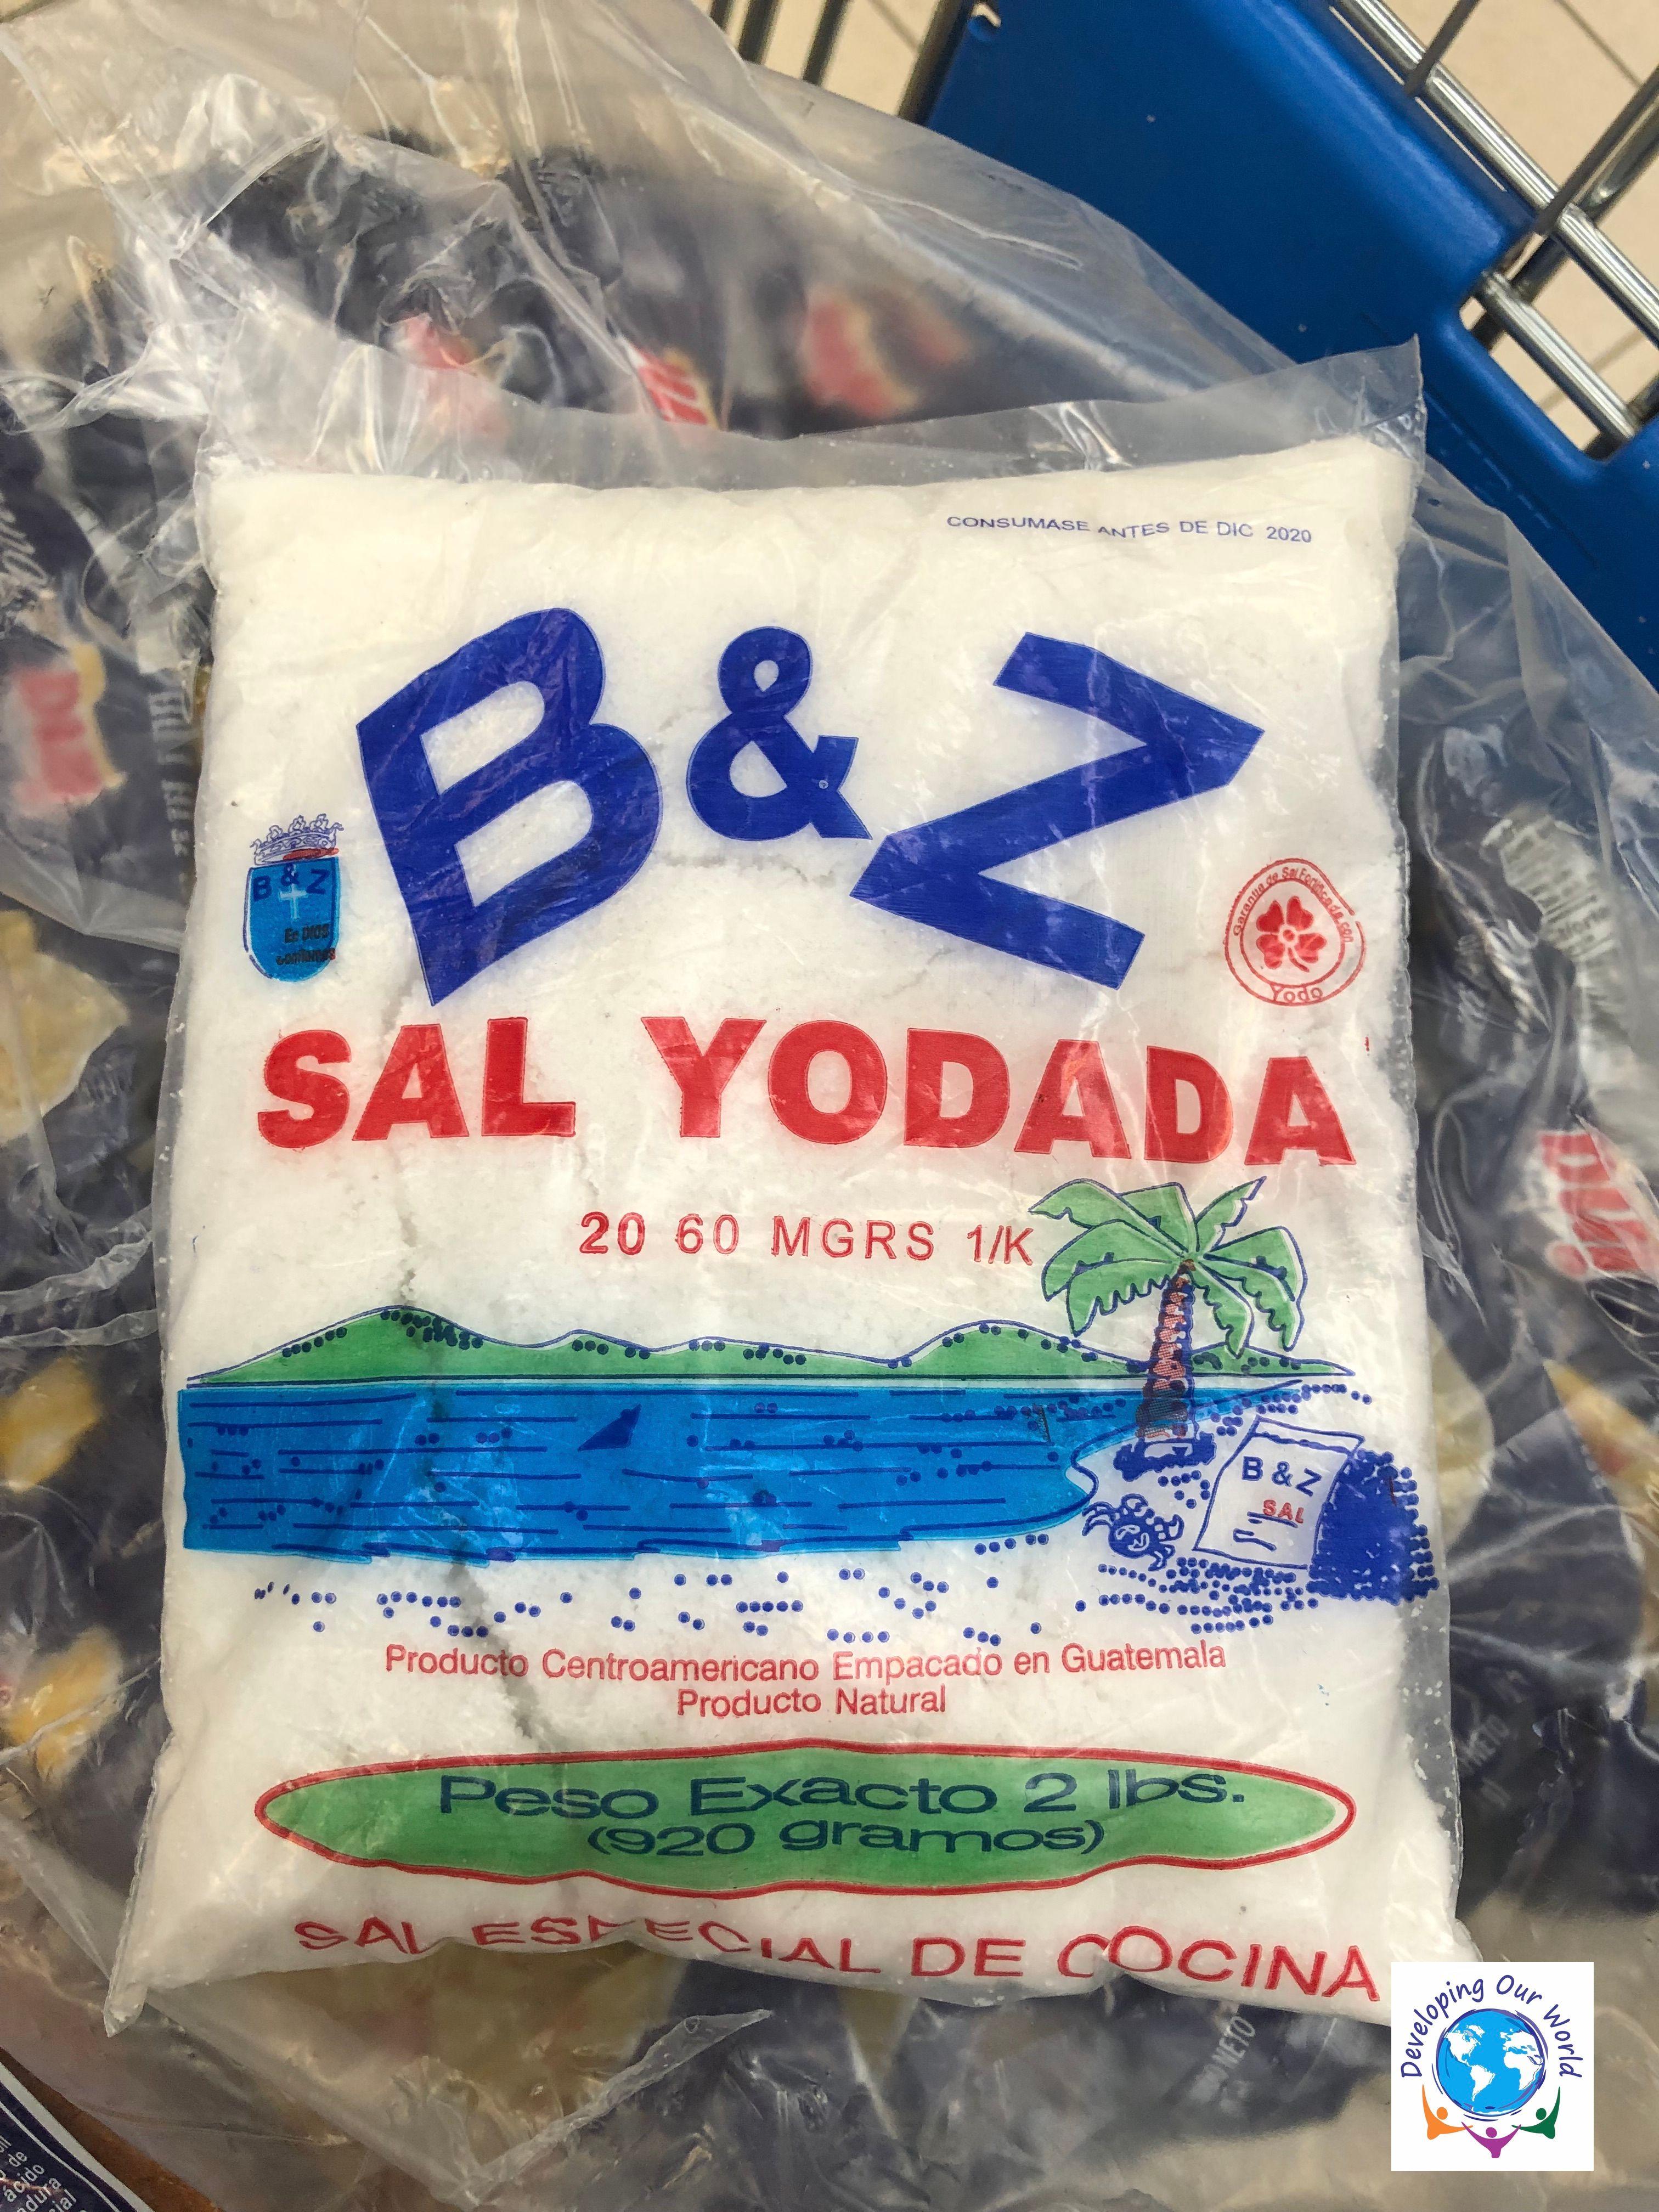 2 lbs of salt